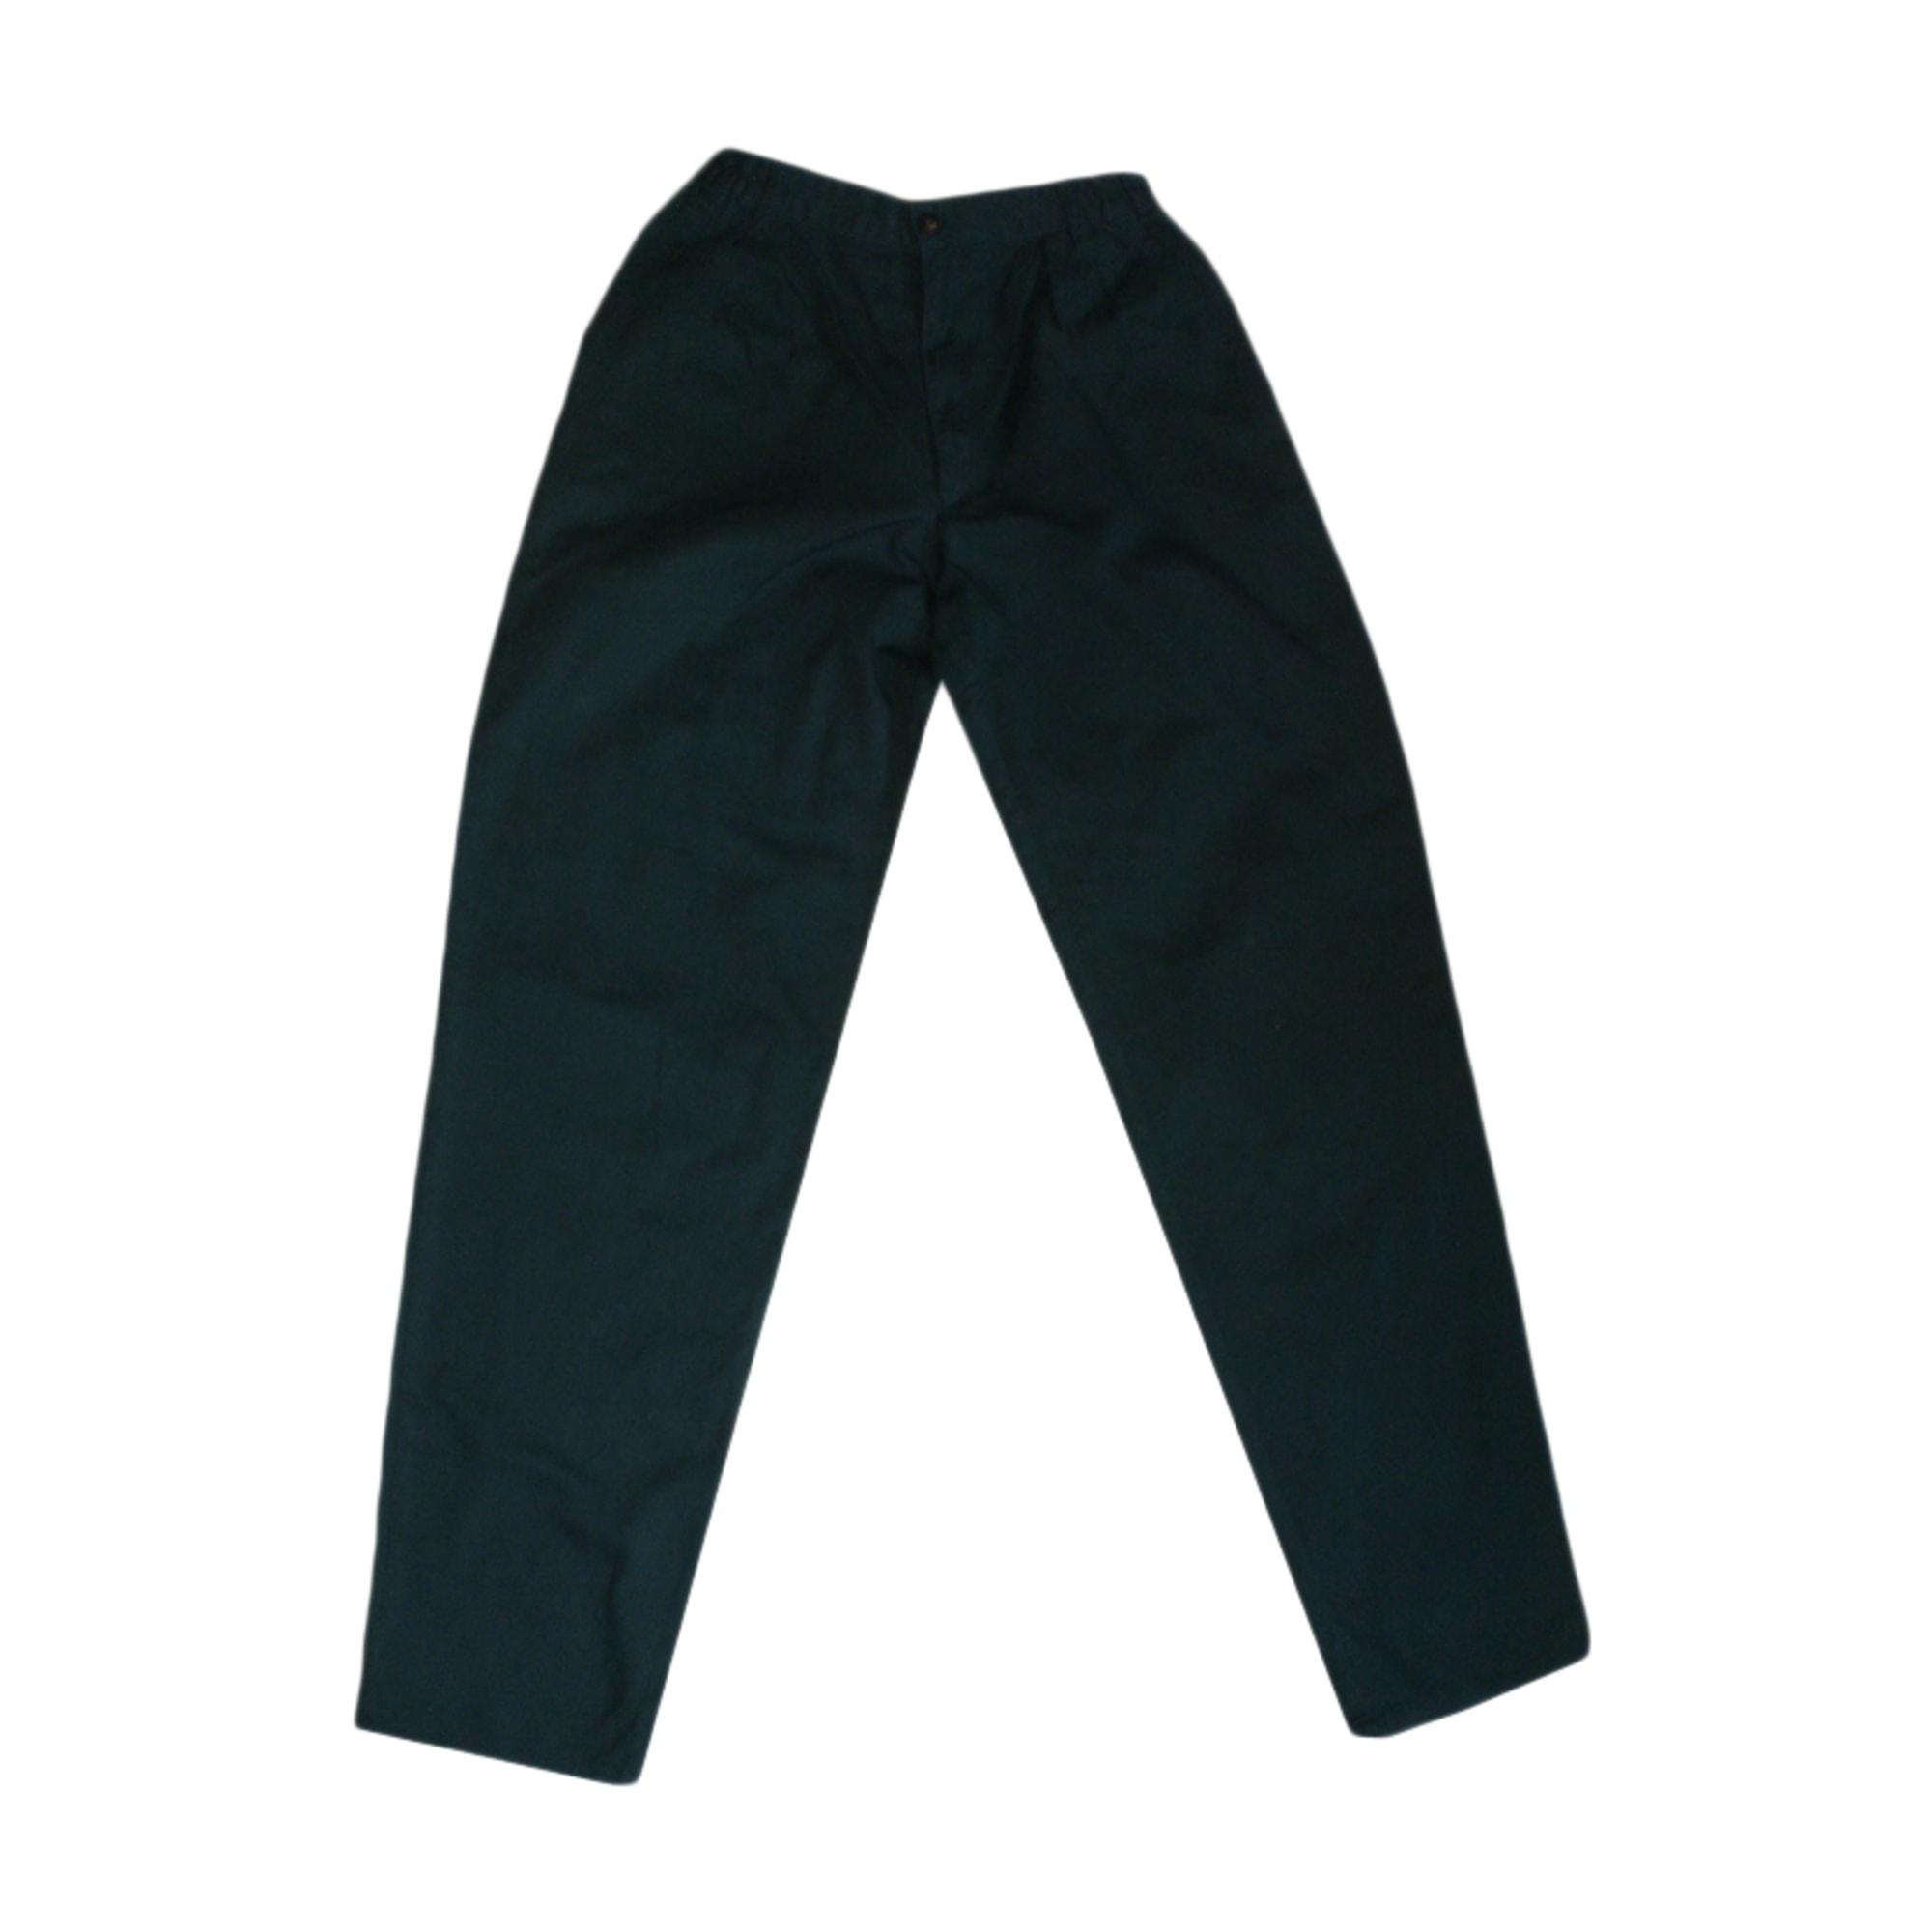 Pantalon carotte MARQUE INCONNUE Vert